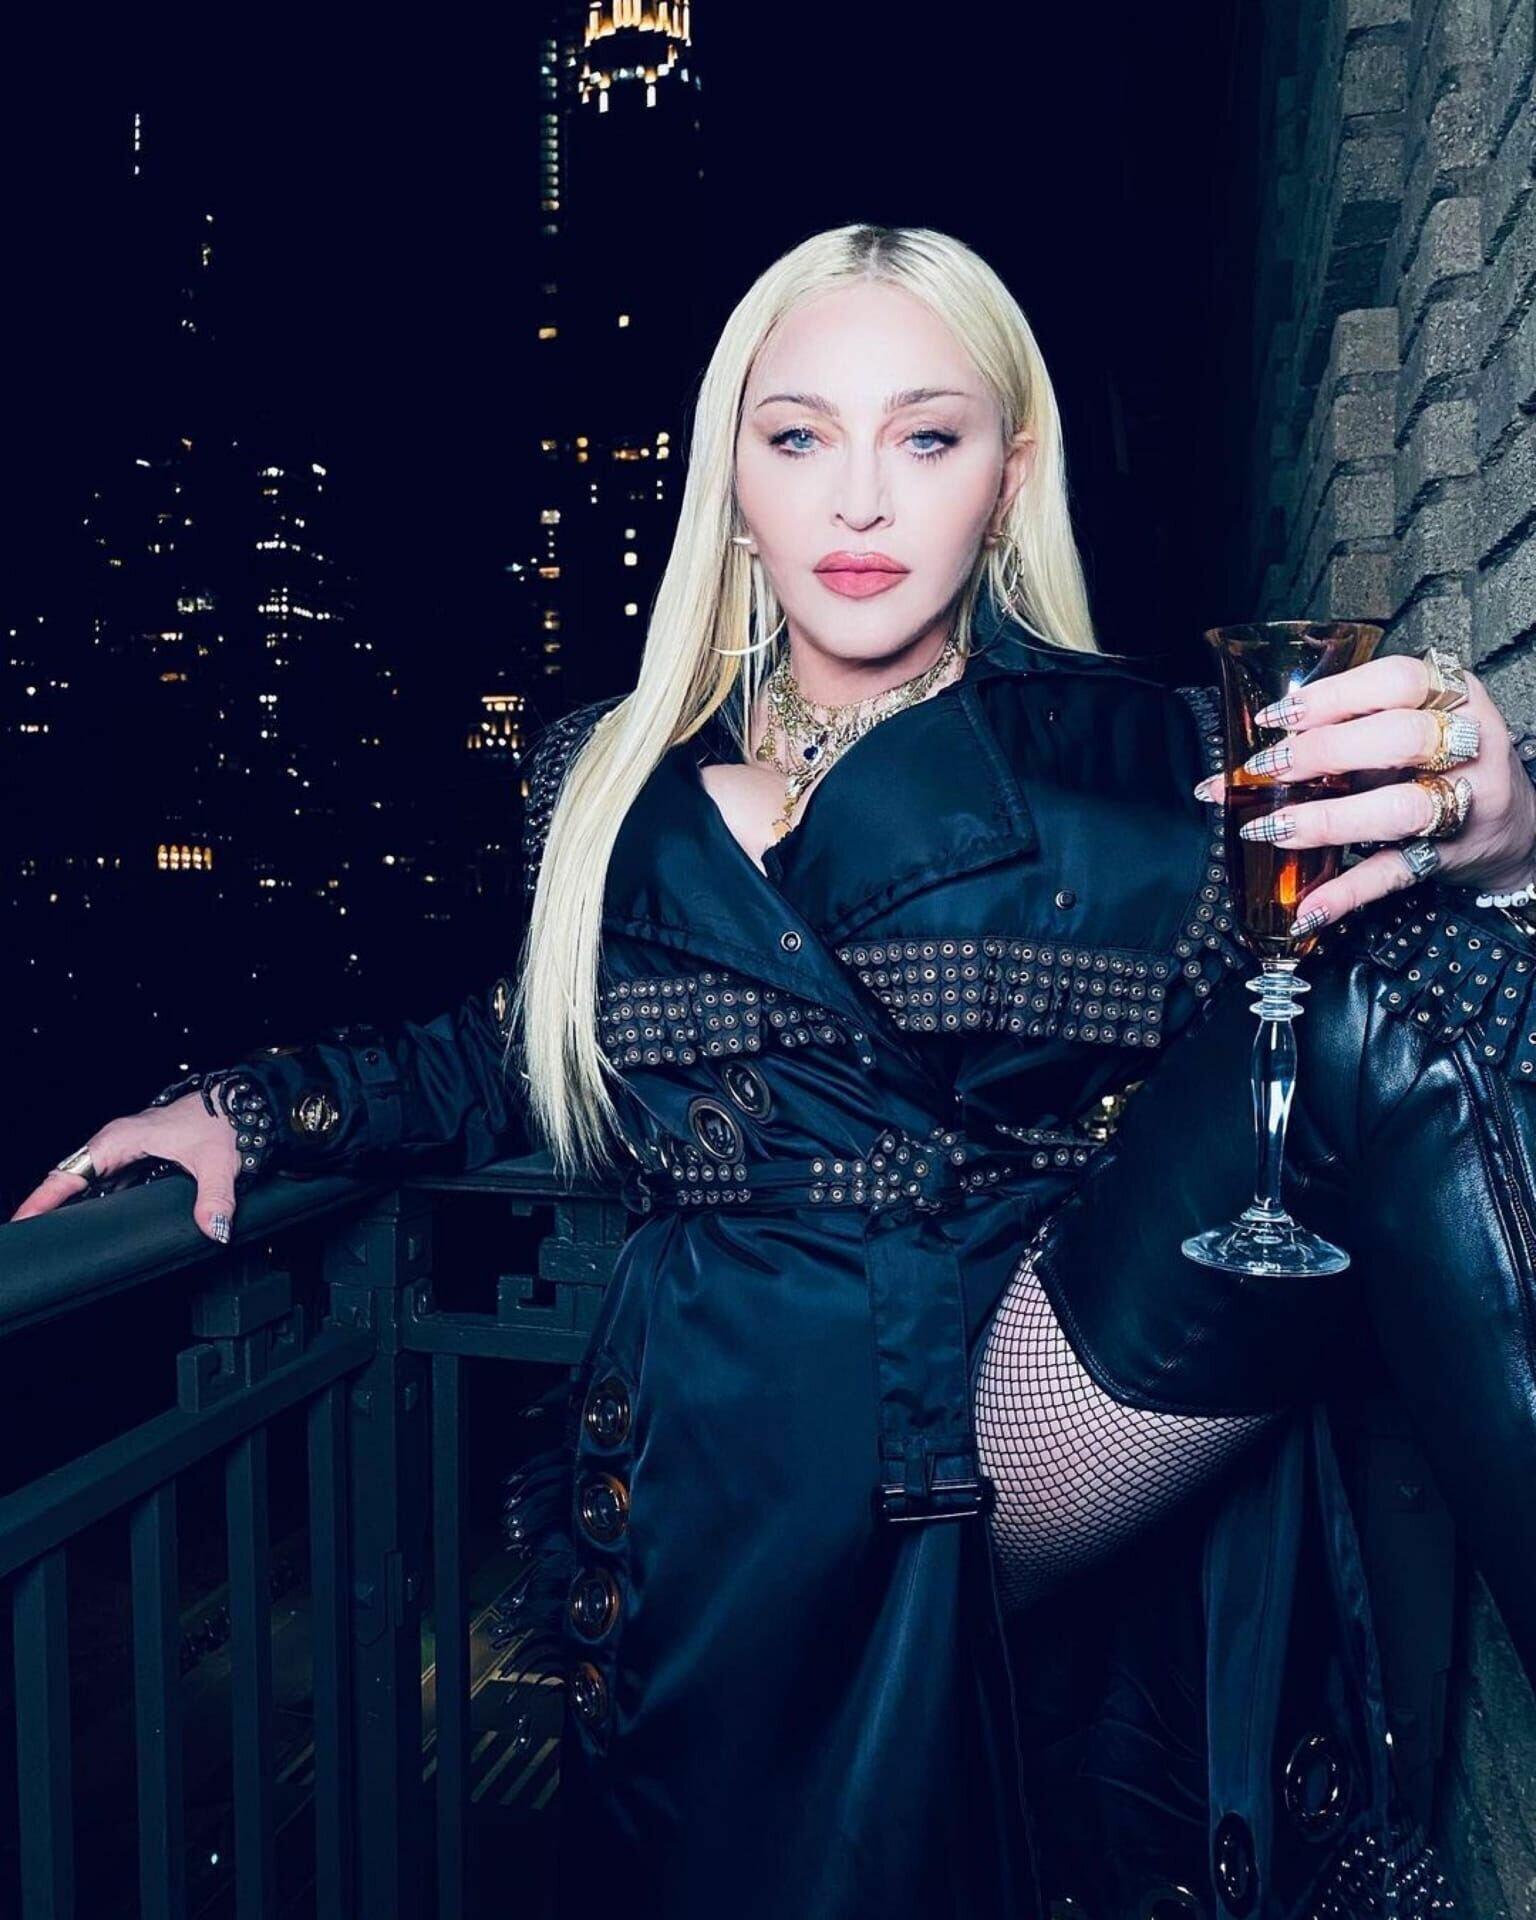 Как сейчас выглядит Мадонна